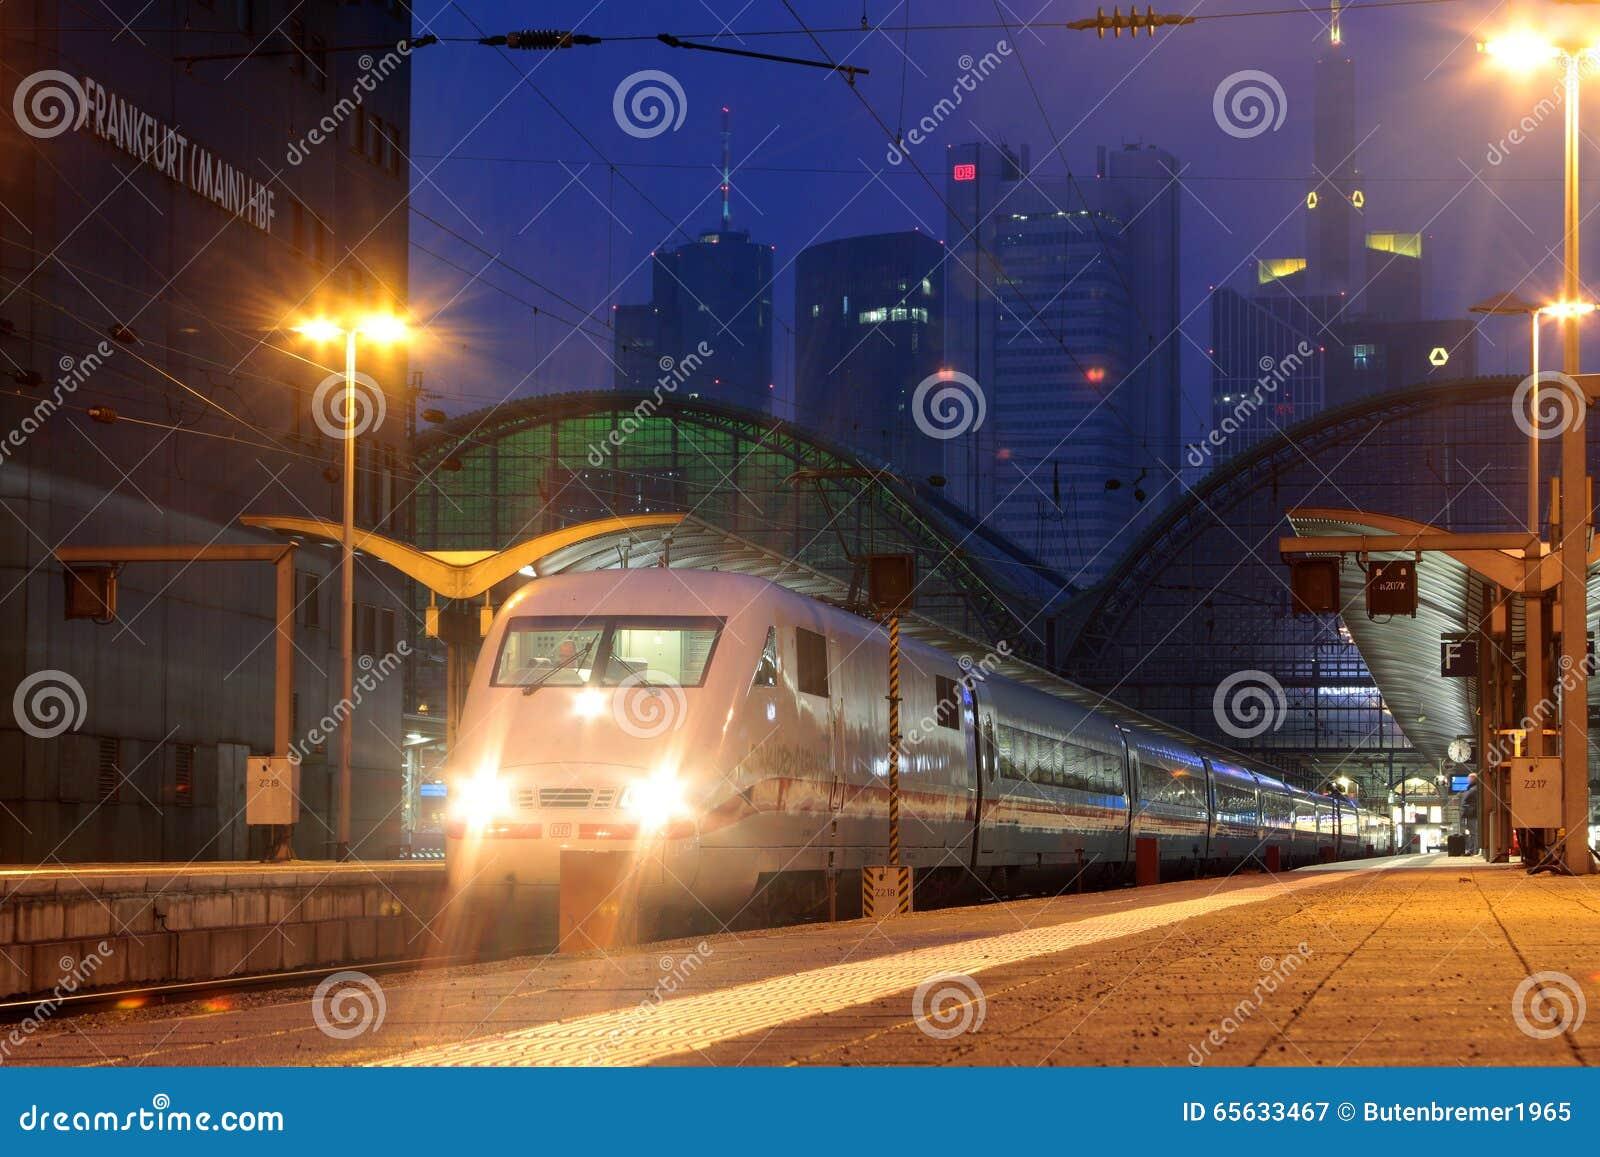 Interurbain-exprès des chemins de fer allemands à la gare ferroviaire de central de Francfort